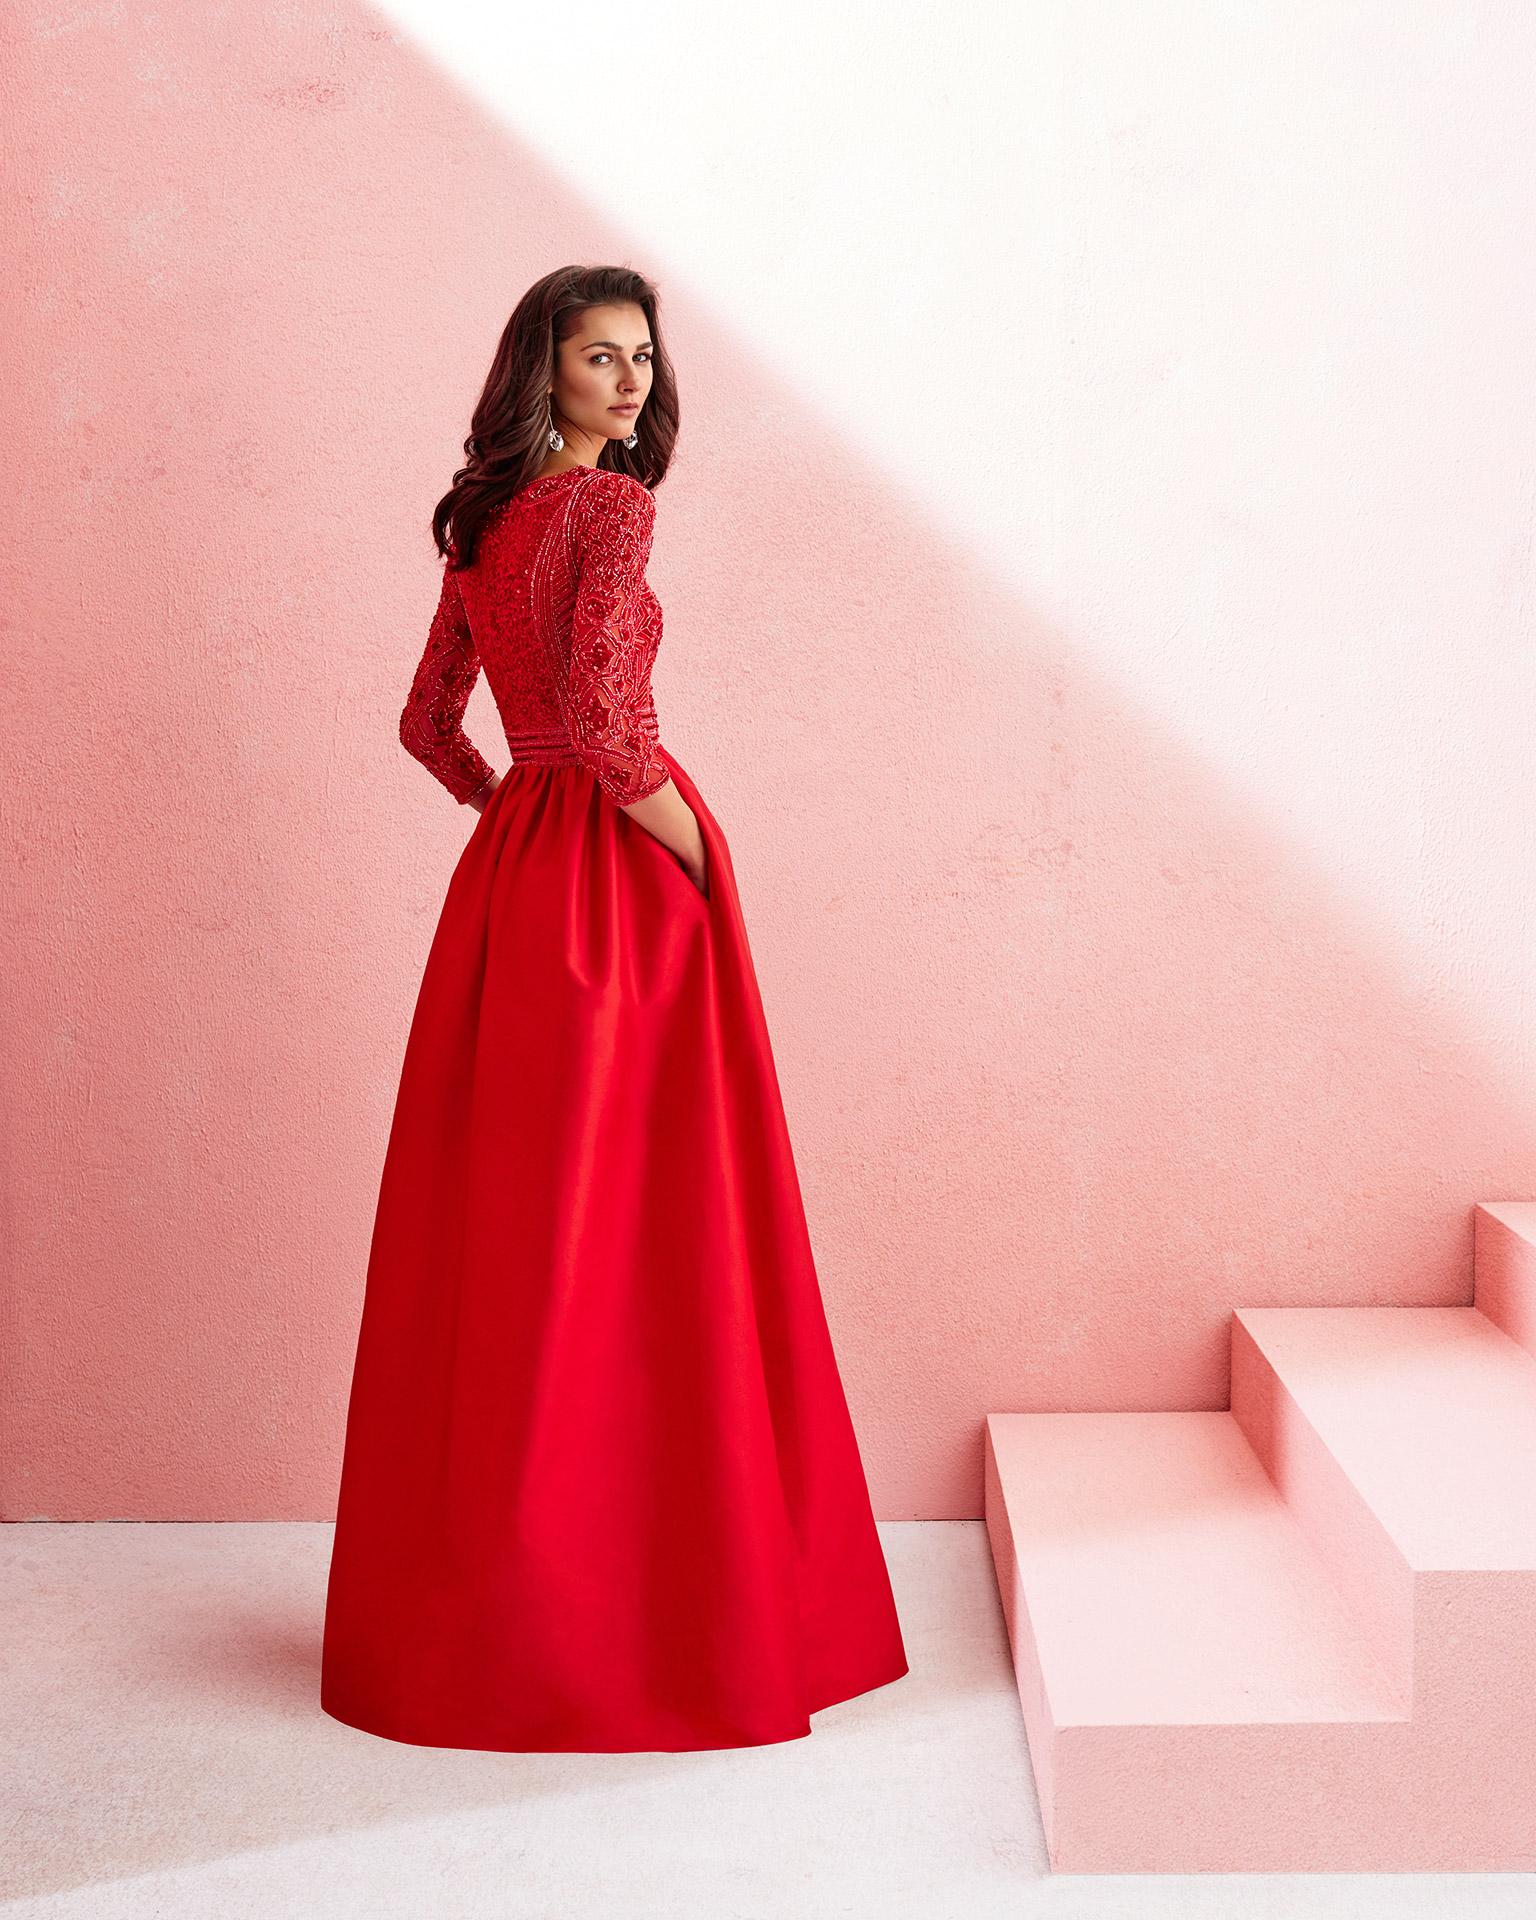 Dorable Roja Del Baile De Vestido Largo Colección - Colección de ...